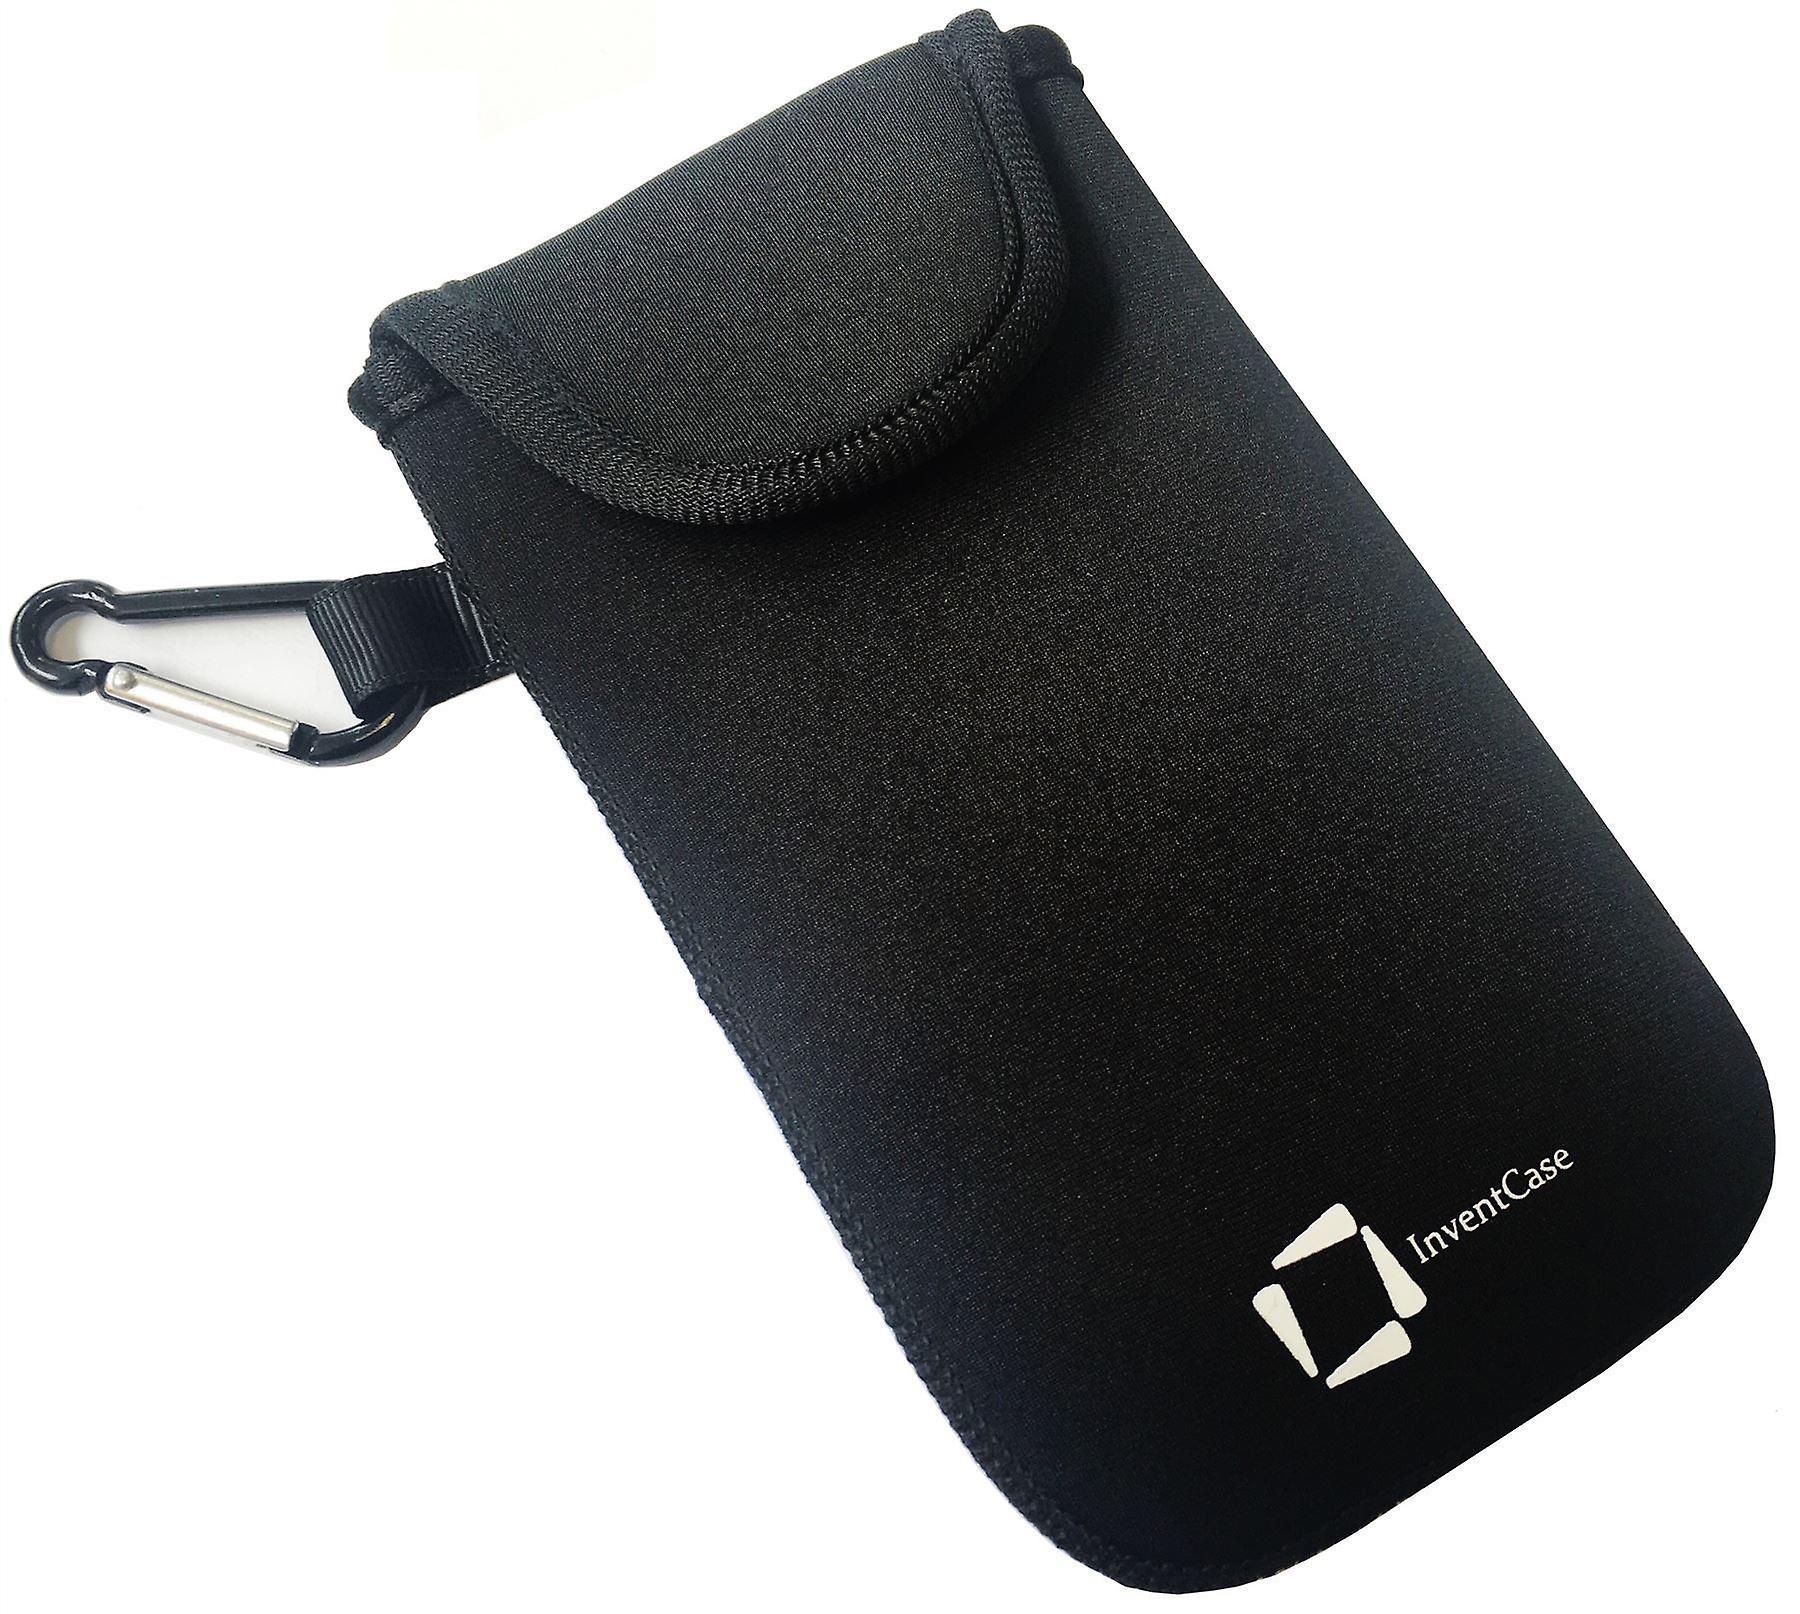 حقيبة تغطية القضية الحقيبة واقية مقاومة لتأثير النيوبرين إينفينتكاسي مع إغلاق Velcro و Carabiner الألومنيوم لملاحظة سامسونج جالاكسى 2-أسود